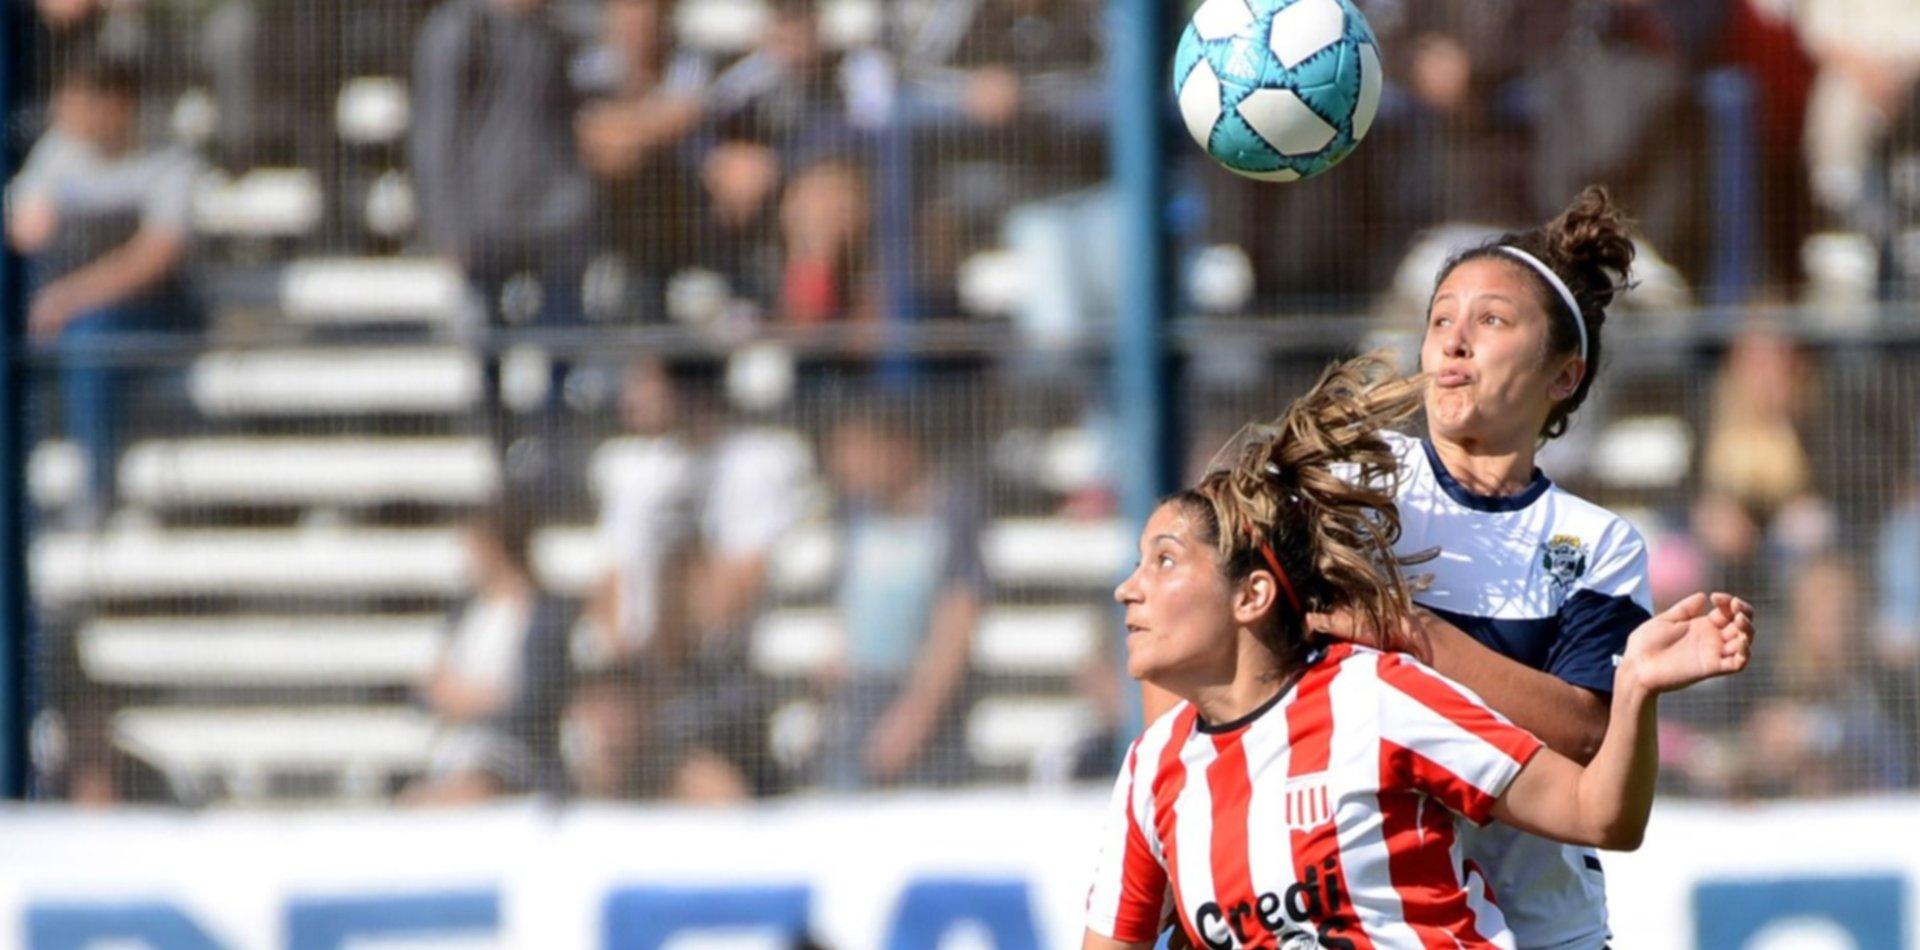 Gimnasia y Estudiantes: A puro gol, así se vivió el primer clásico femenino de la era profesional en La Plata